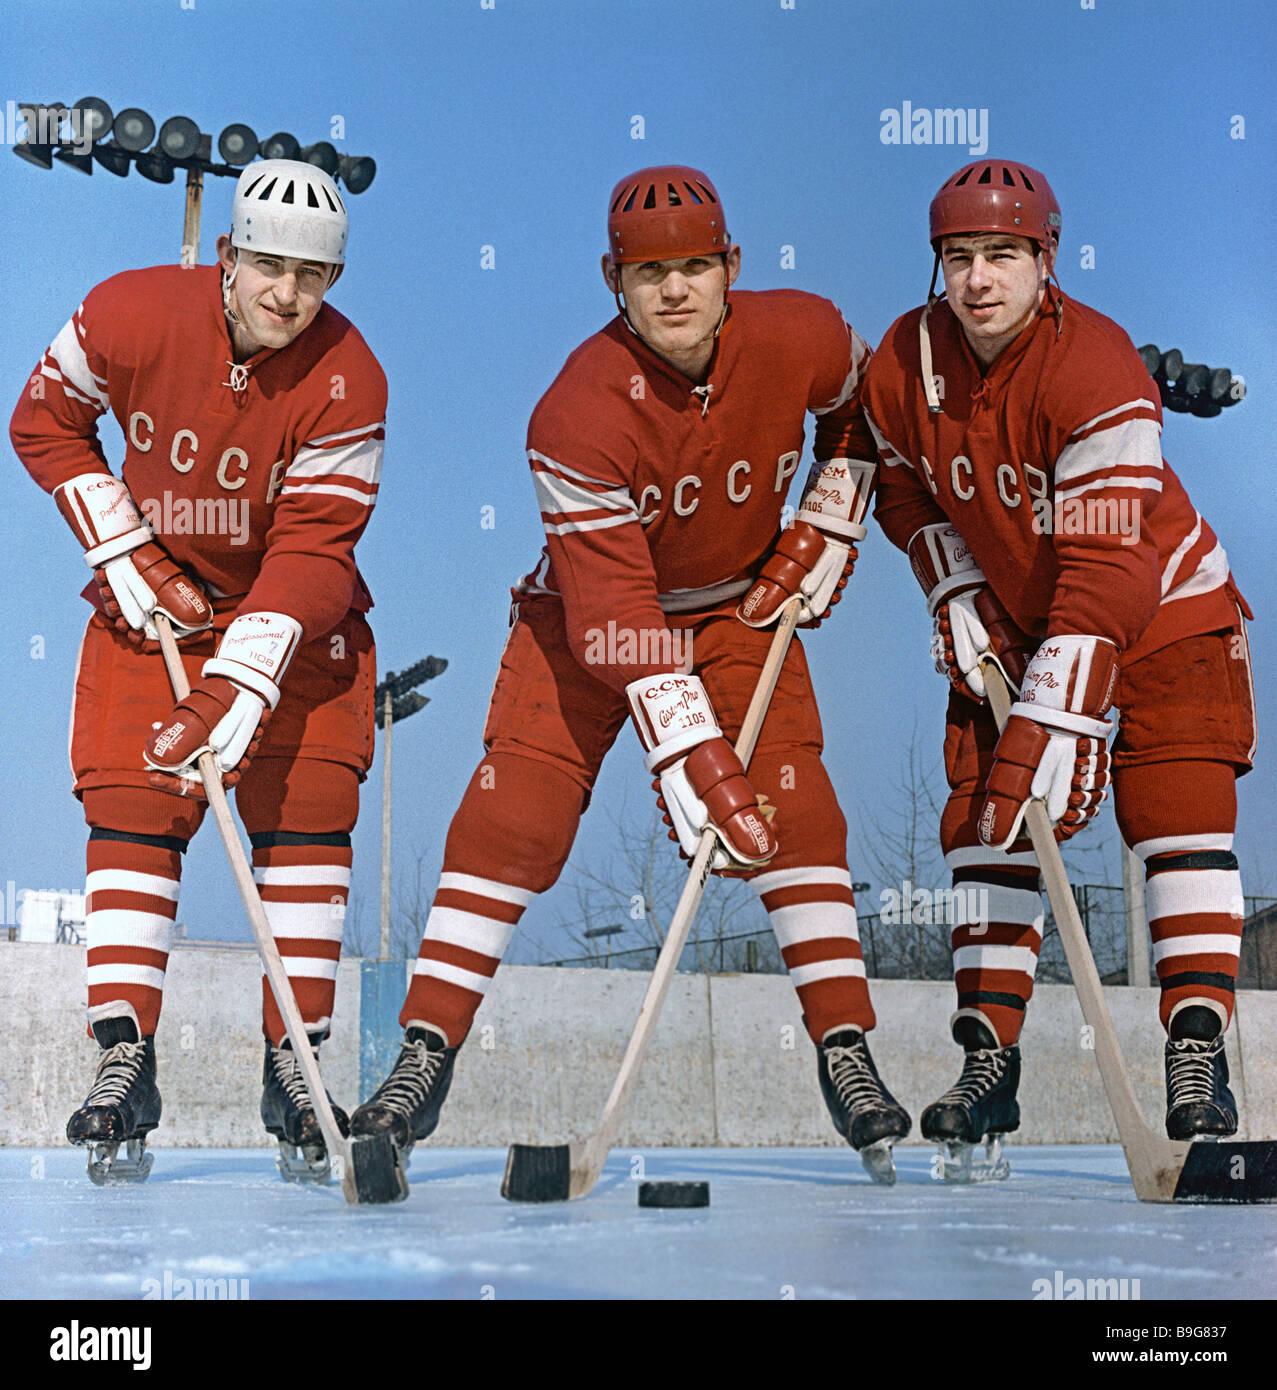 Valery Kharlamov: biography of hockey player, family, sporting achievements 97